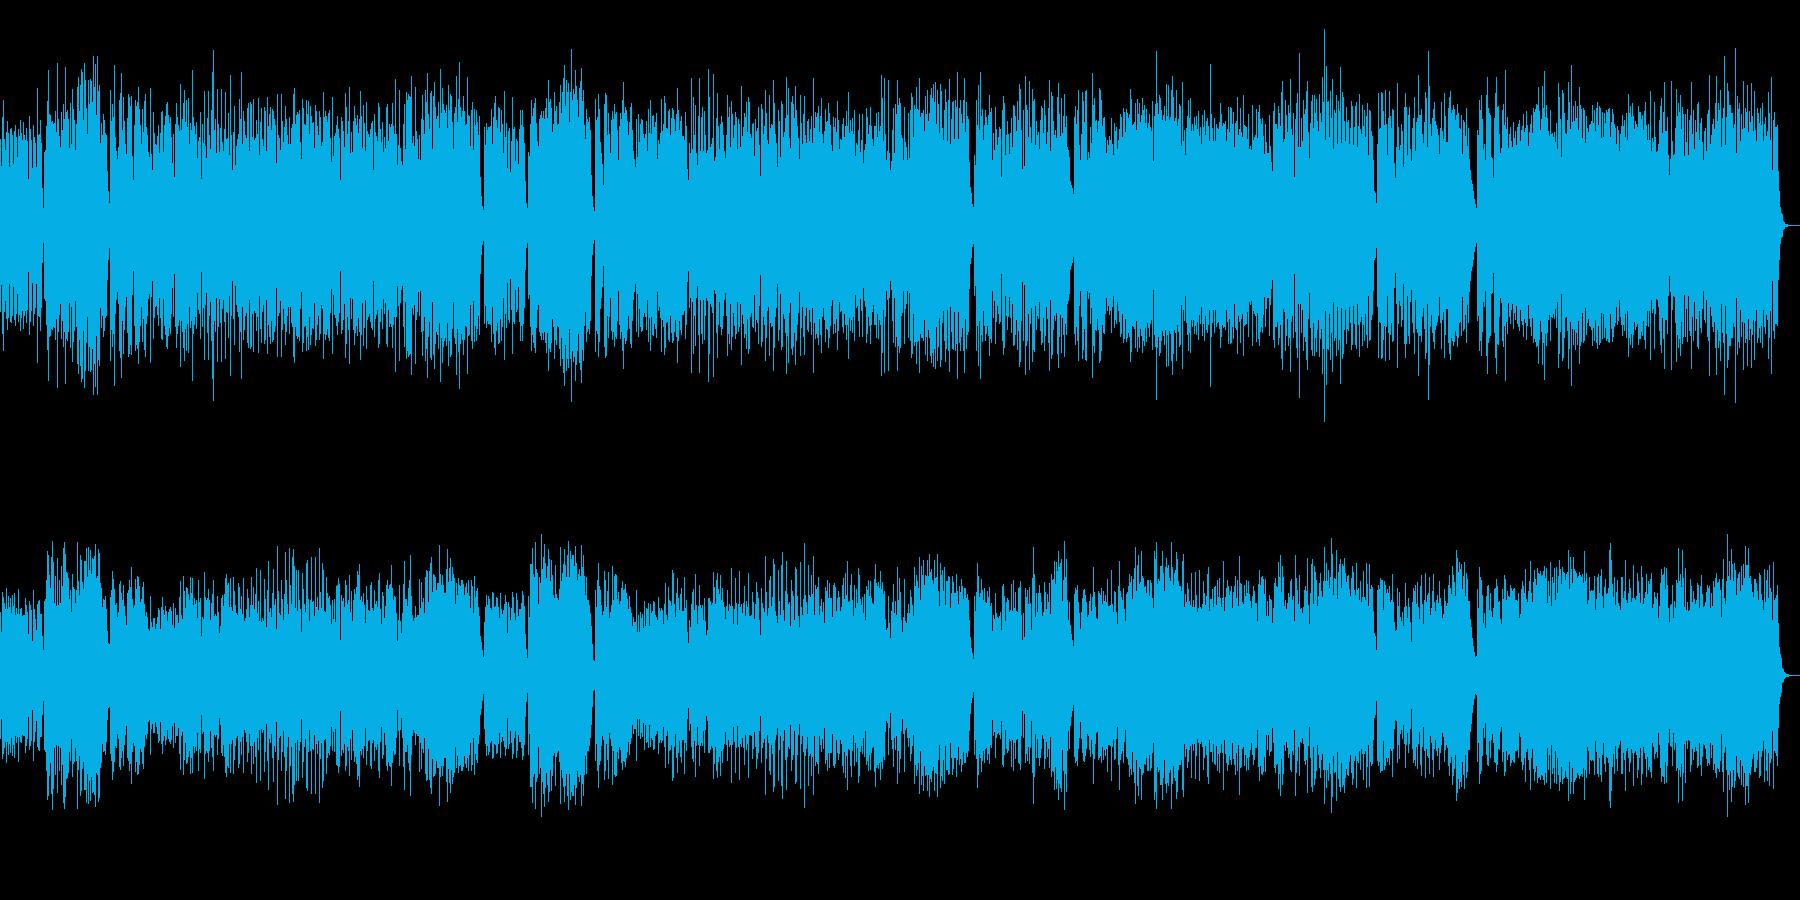 華やかなチェンバロ スカルラッティの再生済みの波形